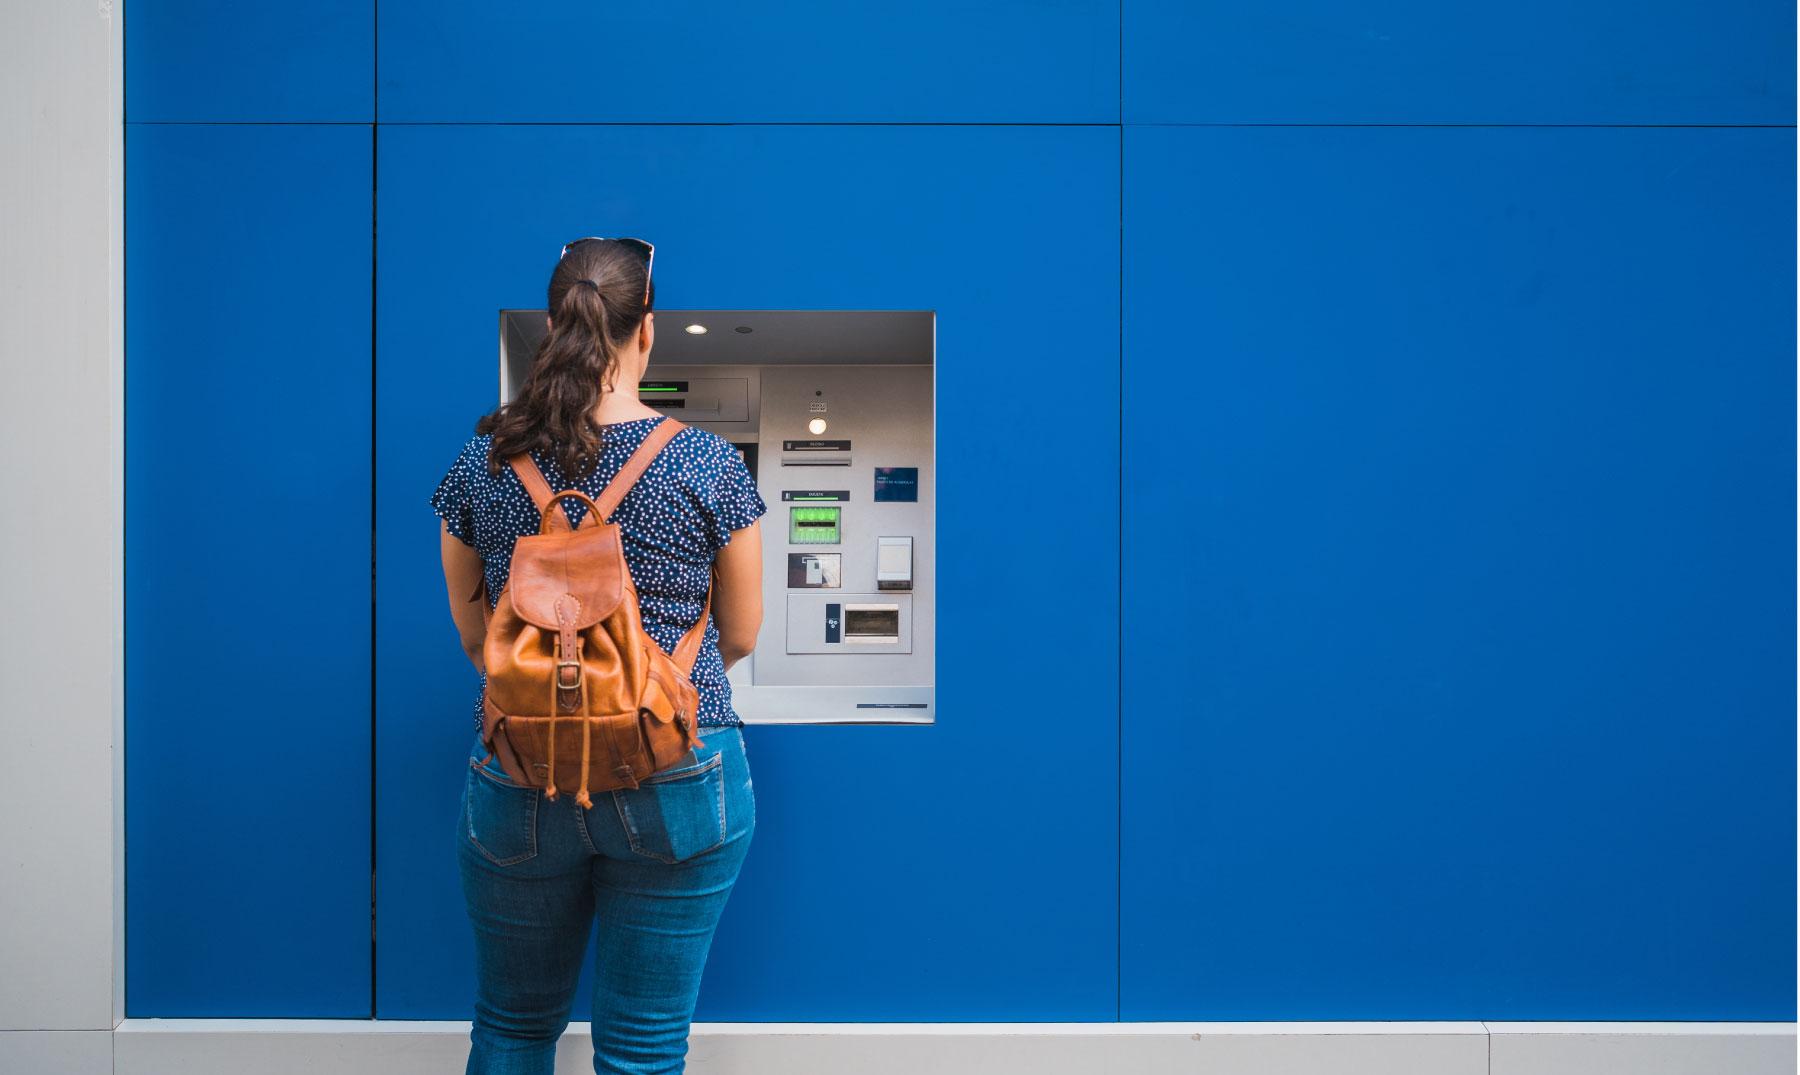 Consejos sobre el uso de cajeros automáticos en Europa